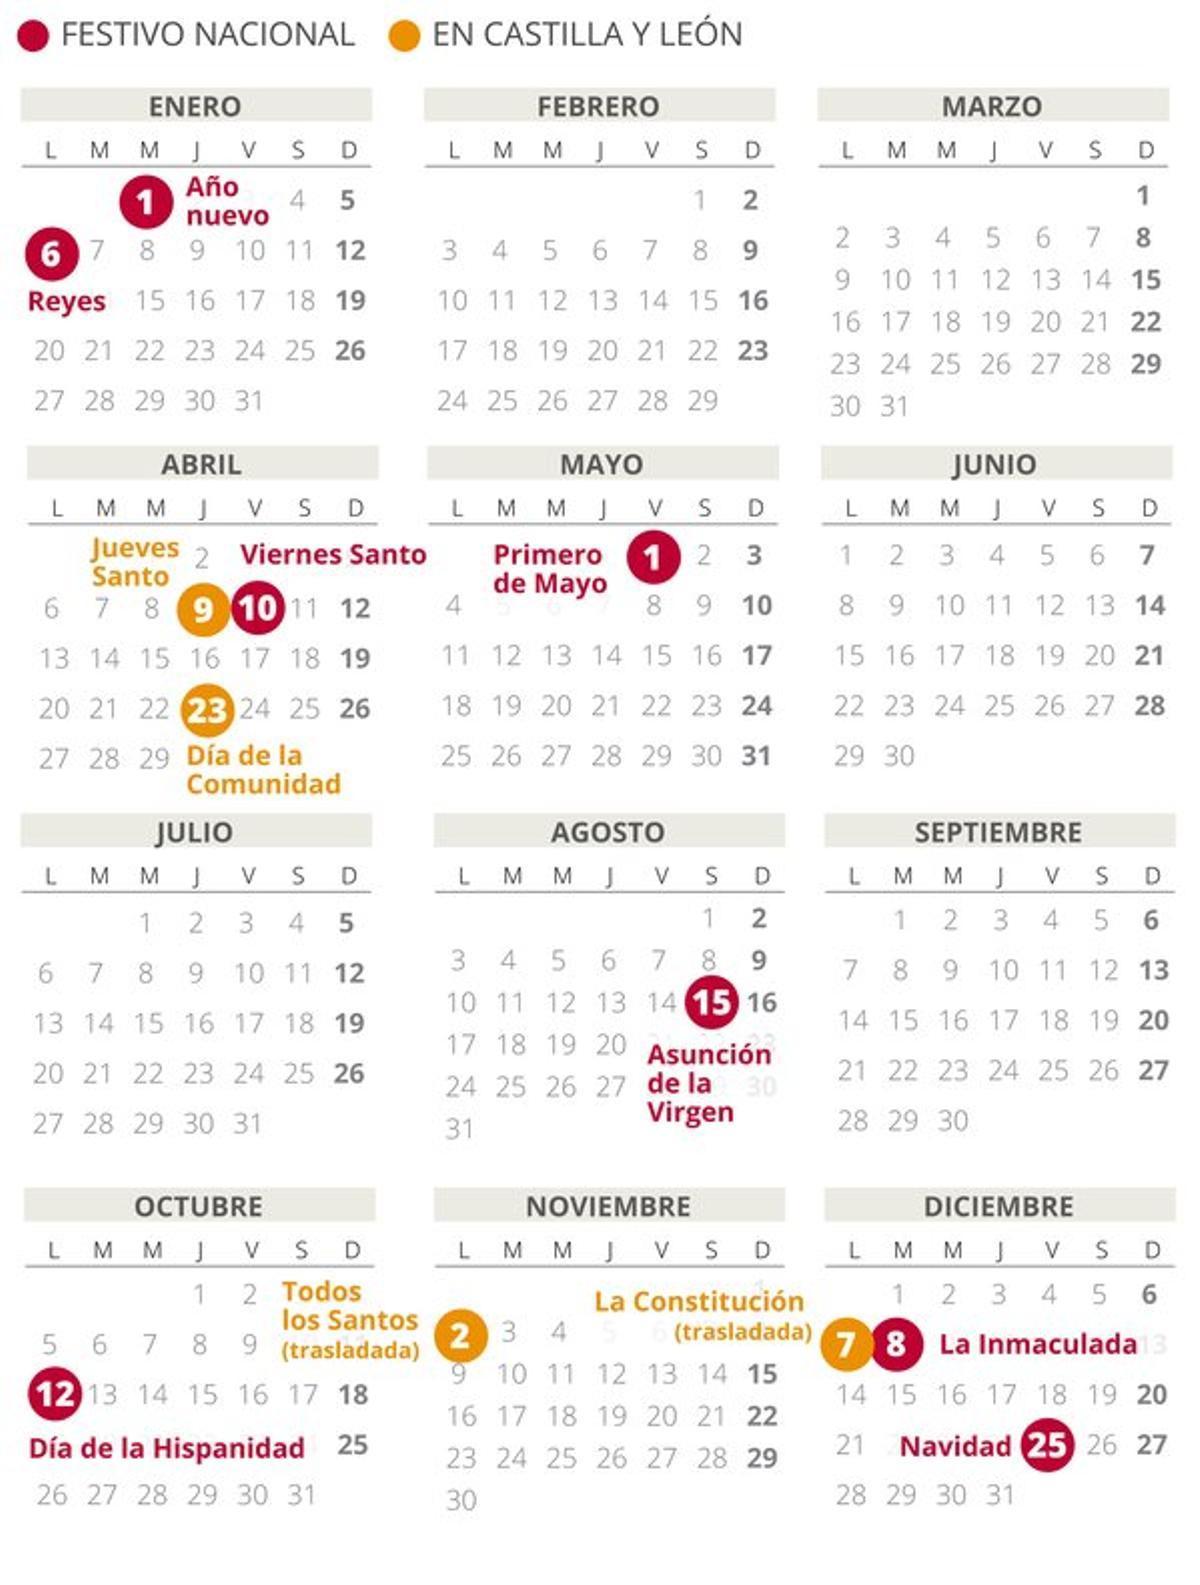 Calendari laboral de Castella i Lleó del 2020 (amb tots els dies festius)